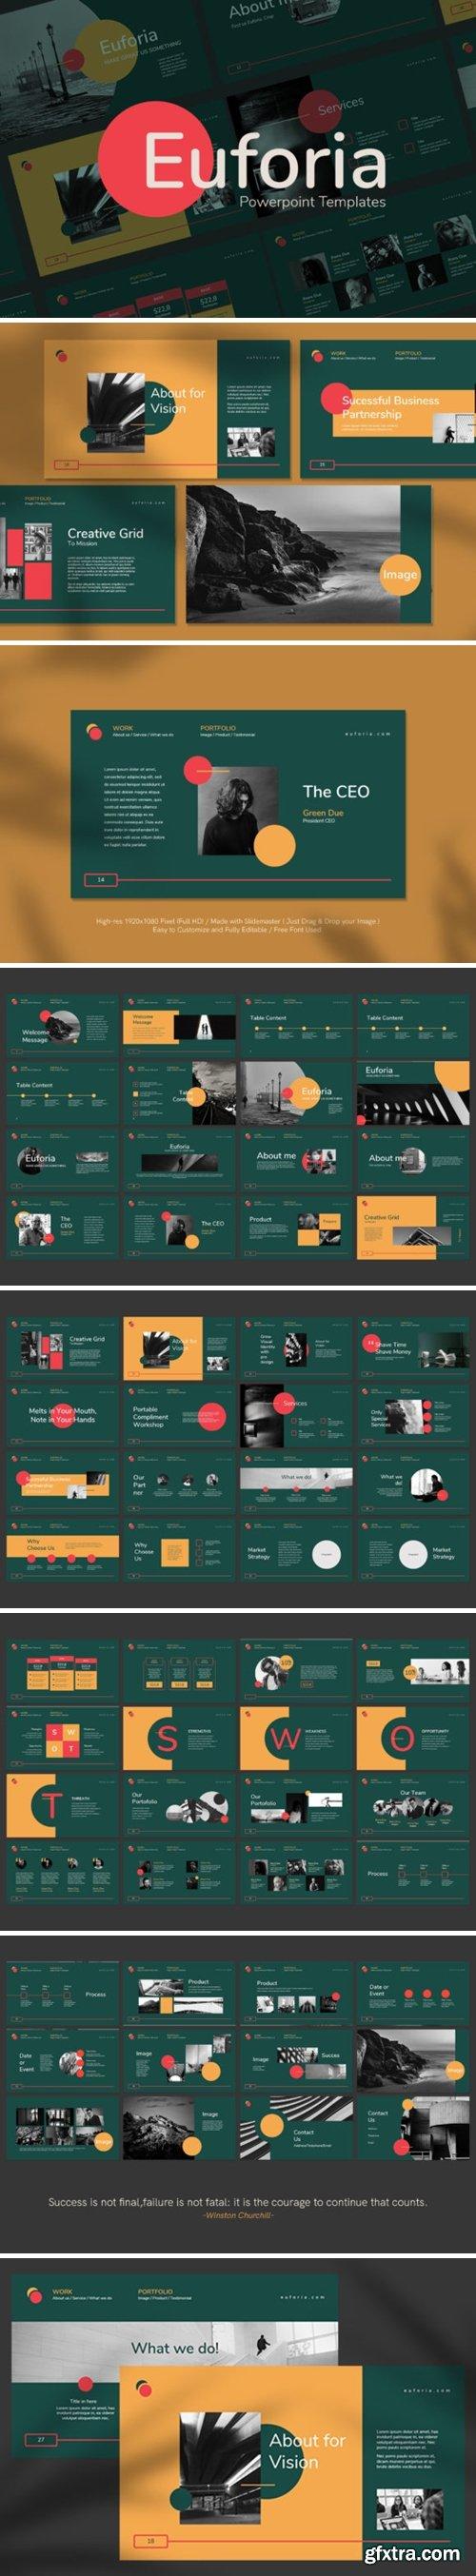 Euforia PowerPoint Templates 2010738